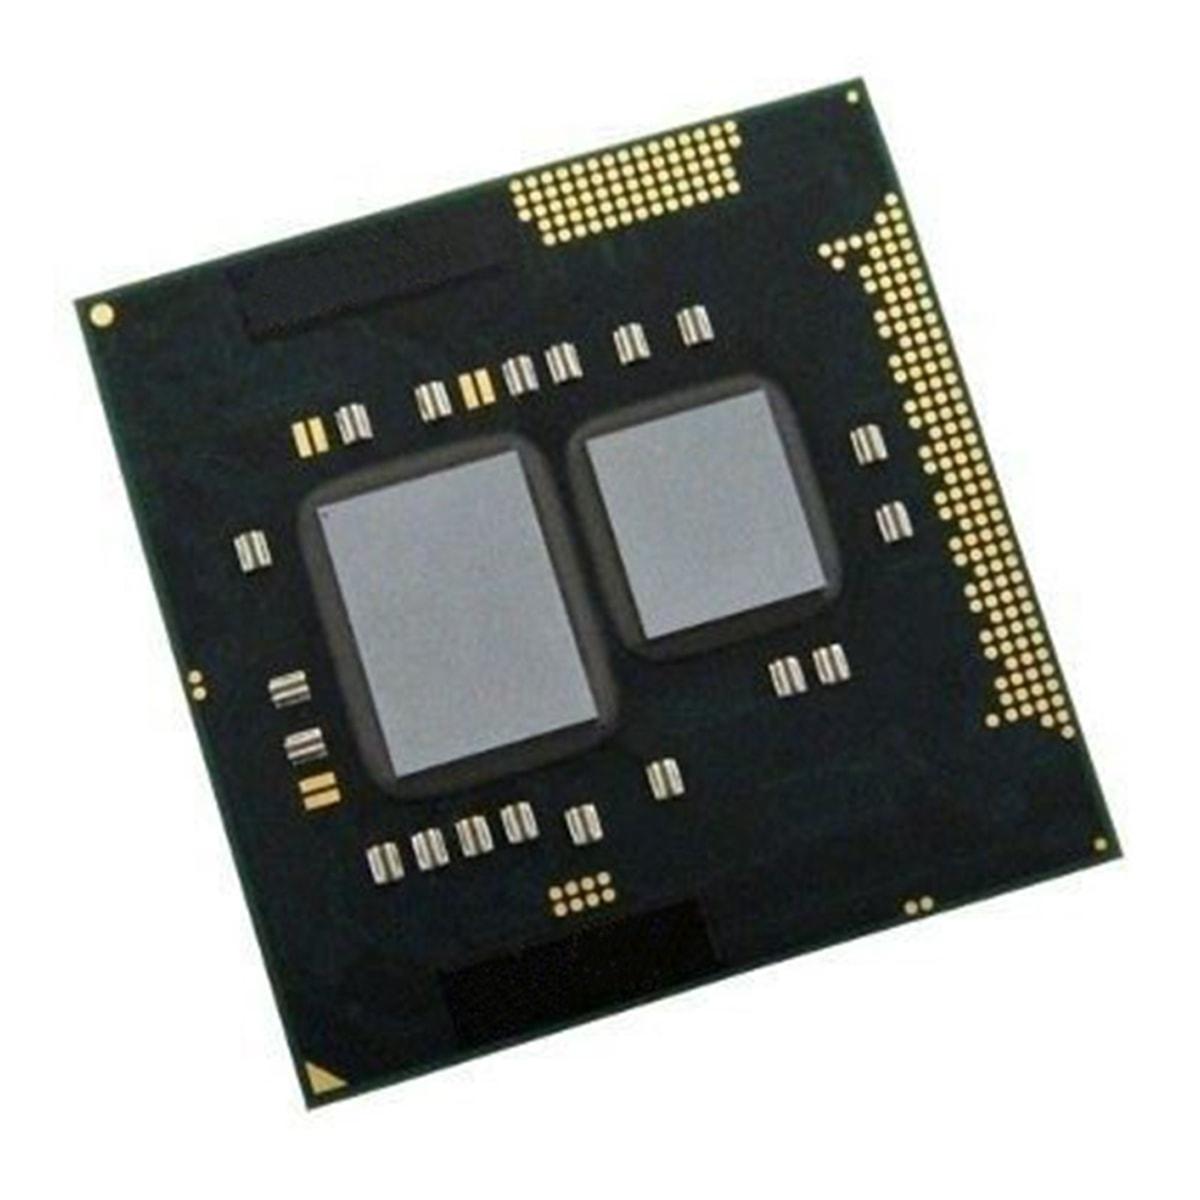 Processador Notebook Intel i5-520M 3M Cache / 2.40 GHZ / 2.5 GT/s DMI - Seminovo